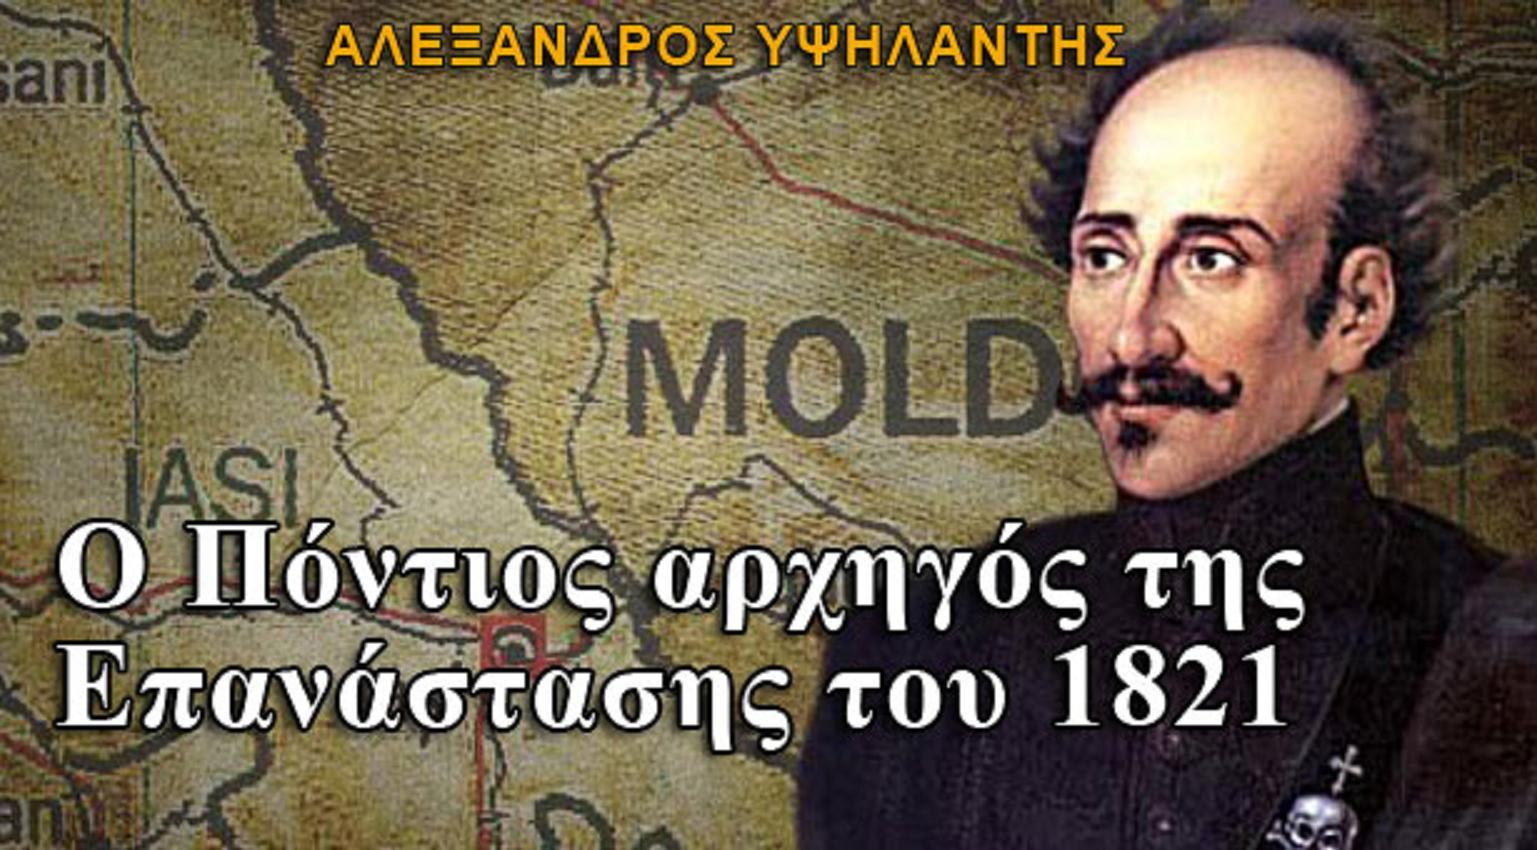 Πρίγκηψ Ἀλέξανδρος Ὑψηλάντης. Ὁ Πόντιος ἀρχηγὸς τῆς ἐπαναστάσεως τοῦ 1821.